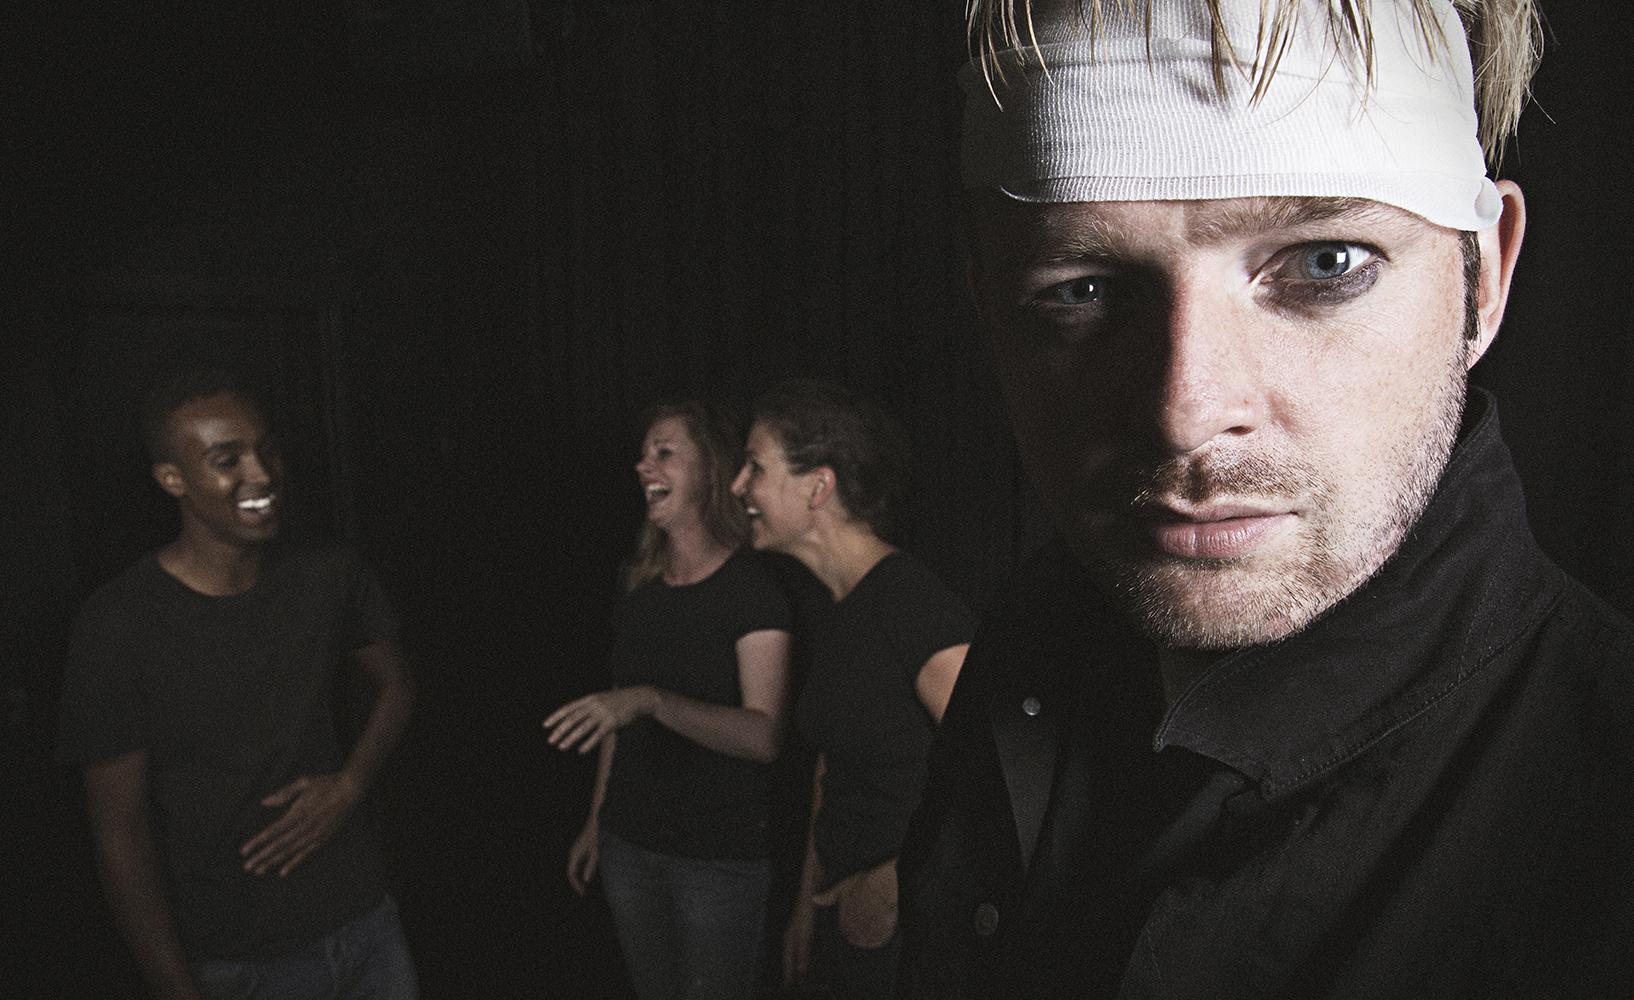 Foto: Anders Ladegaard